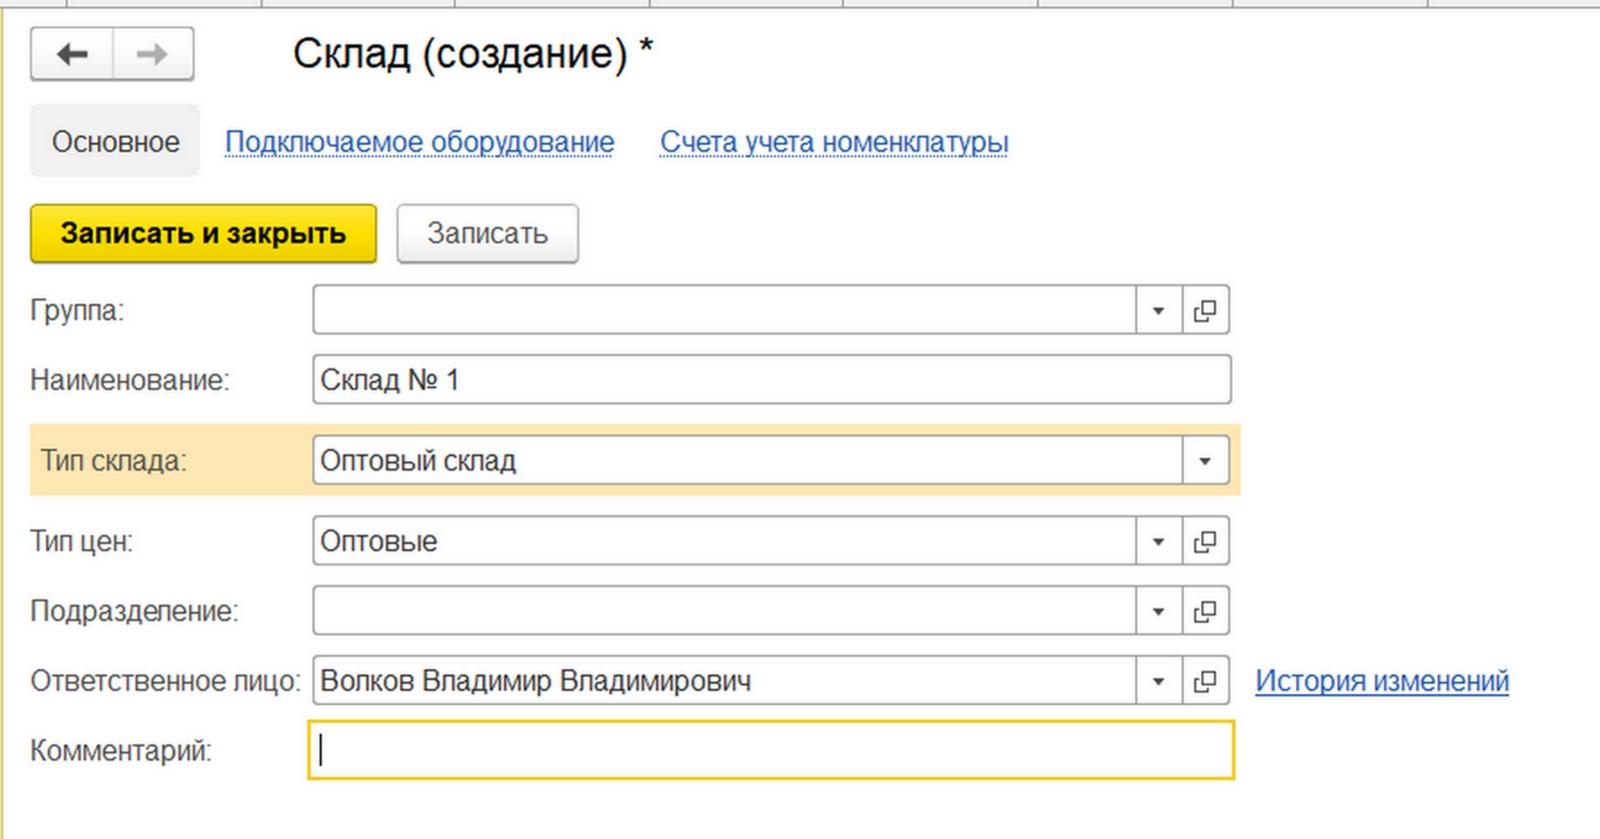 Рис.3 Окно ввода данных